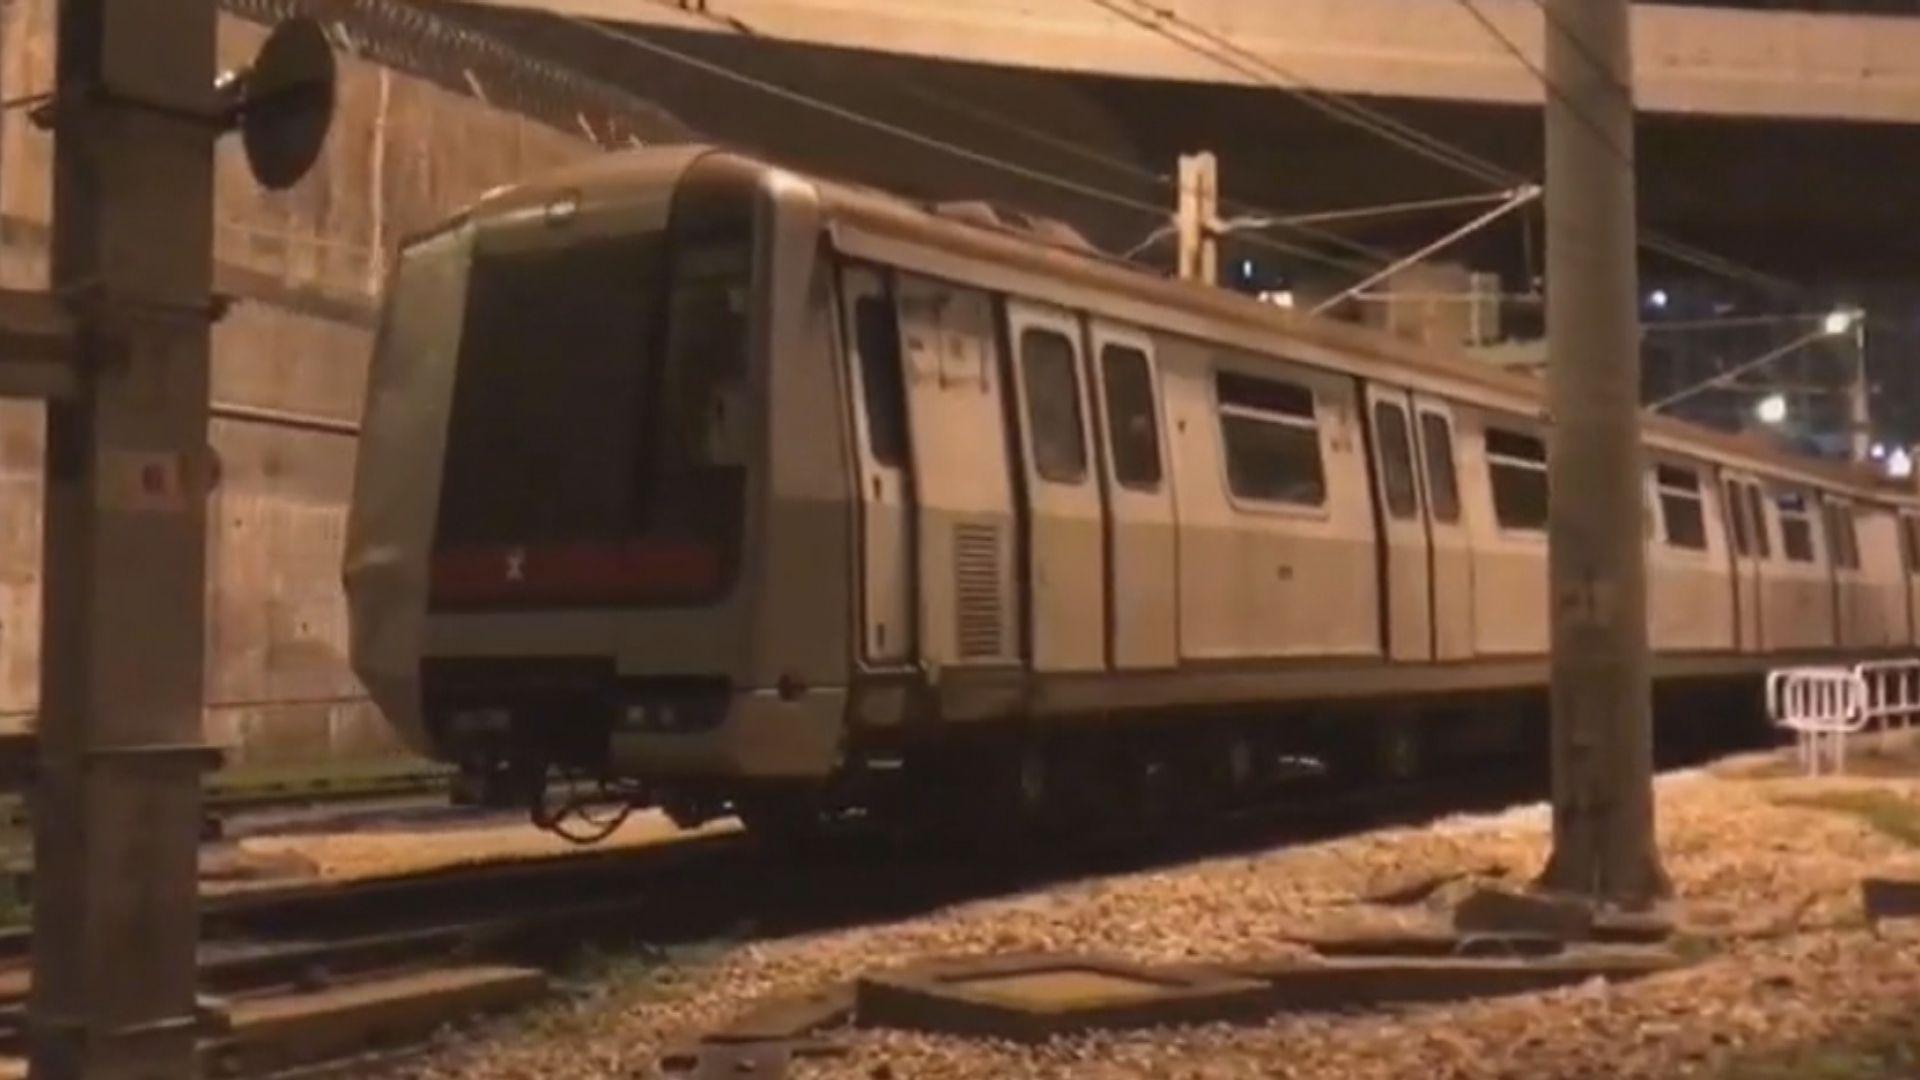 港鐵已收到信號系統承建商初步調查報告